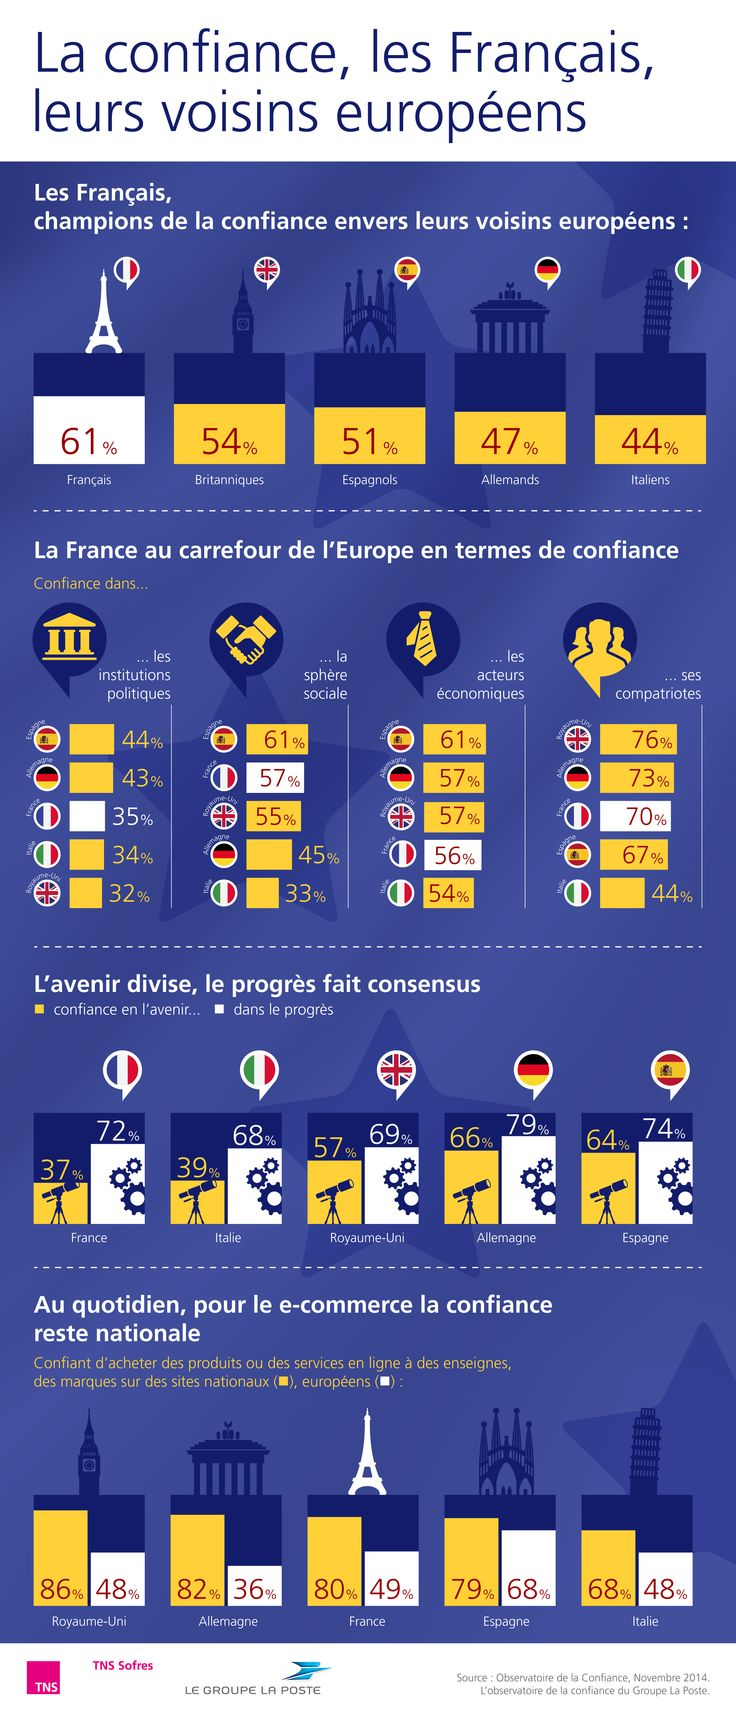 La confiance, les Français, leurs voisins européens http://www.tns-sofres.com/etudes-et-points-de-vue/les-francais-au-carrefour-de-leurope-champions-de-la-confiance-envers-leurs-voisins-europeens